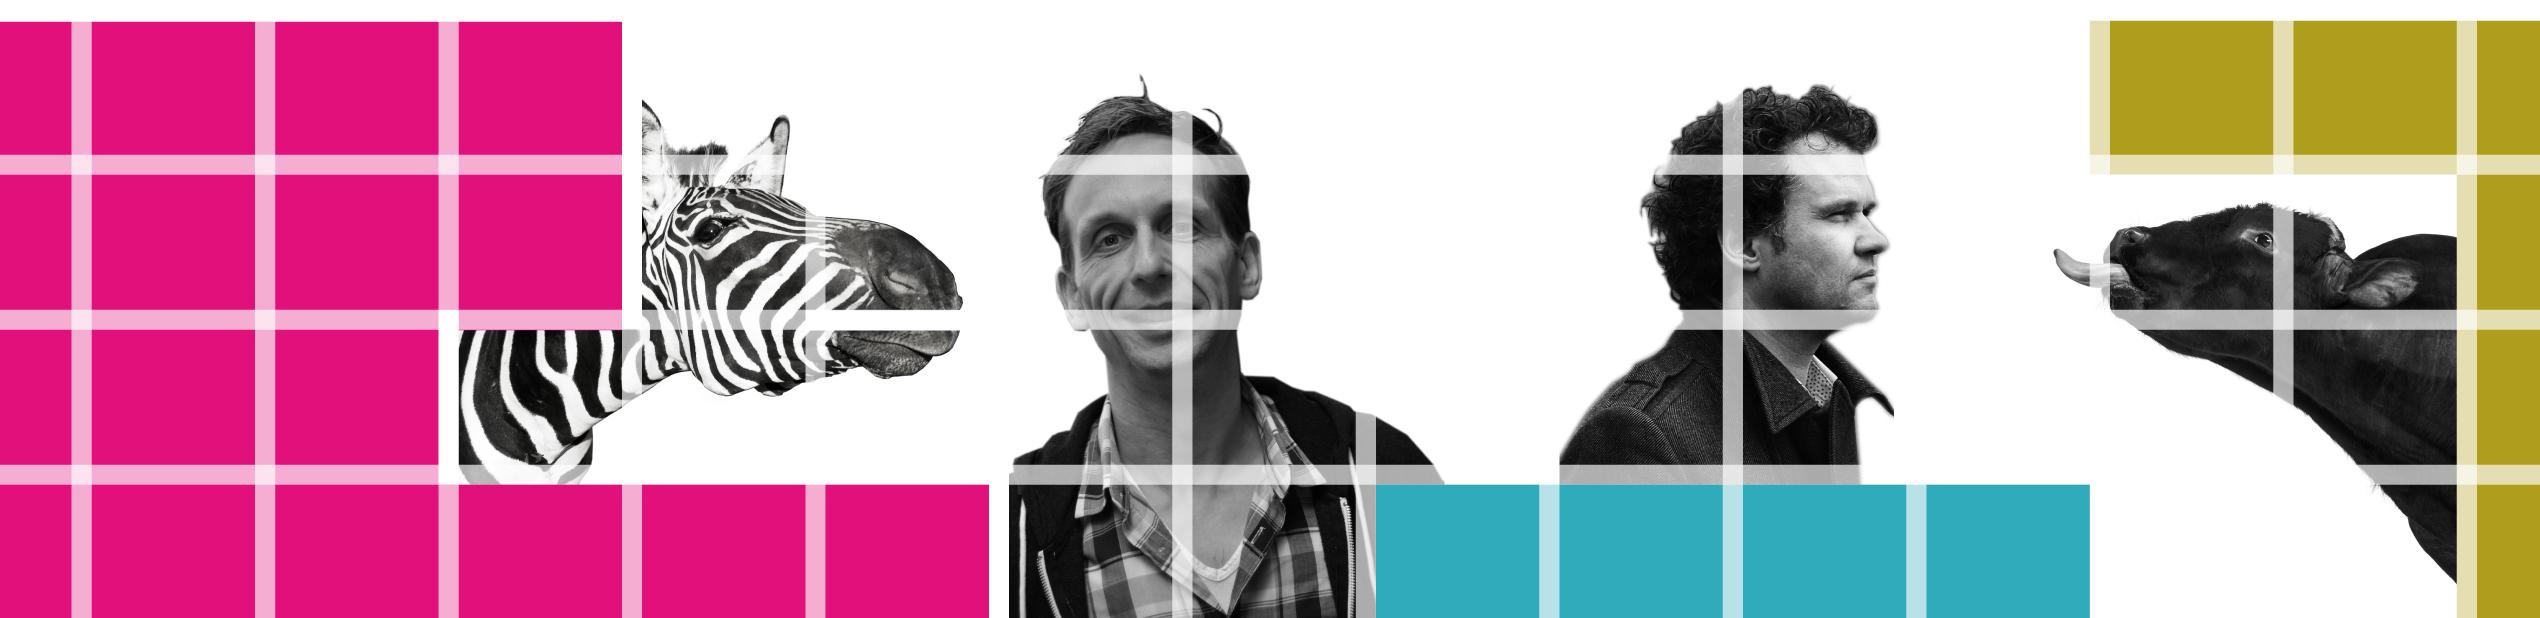 Studio Sterk Merk - ontwerpbureau voor logo's, huisstijl en websites